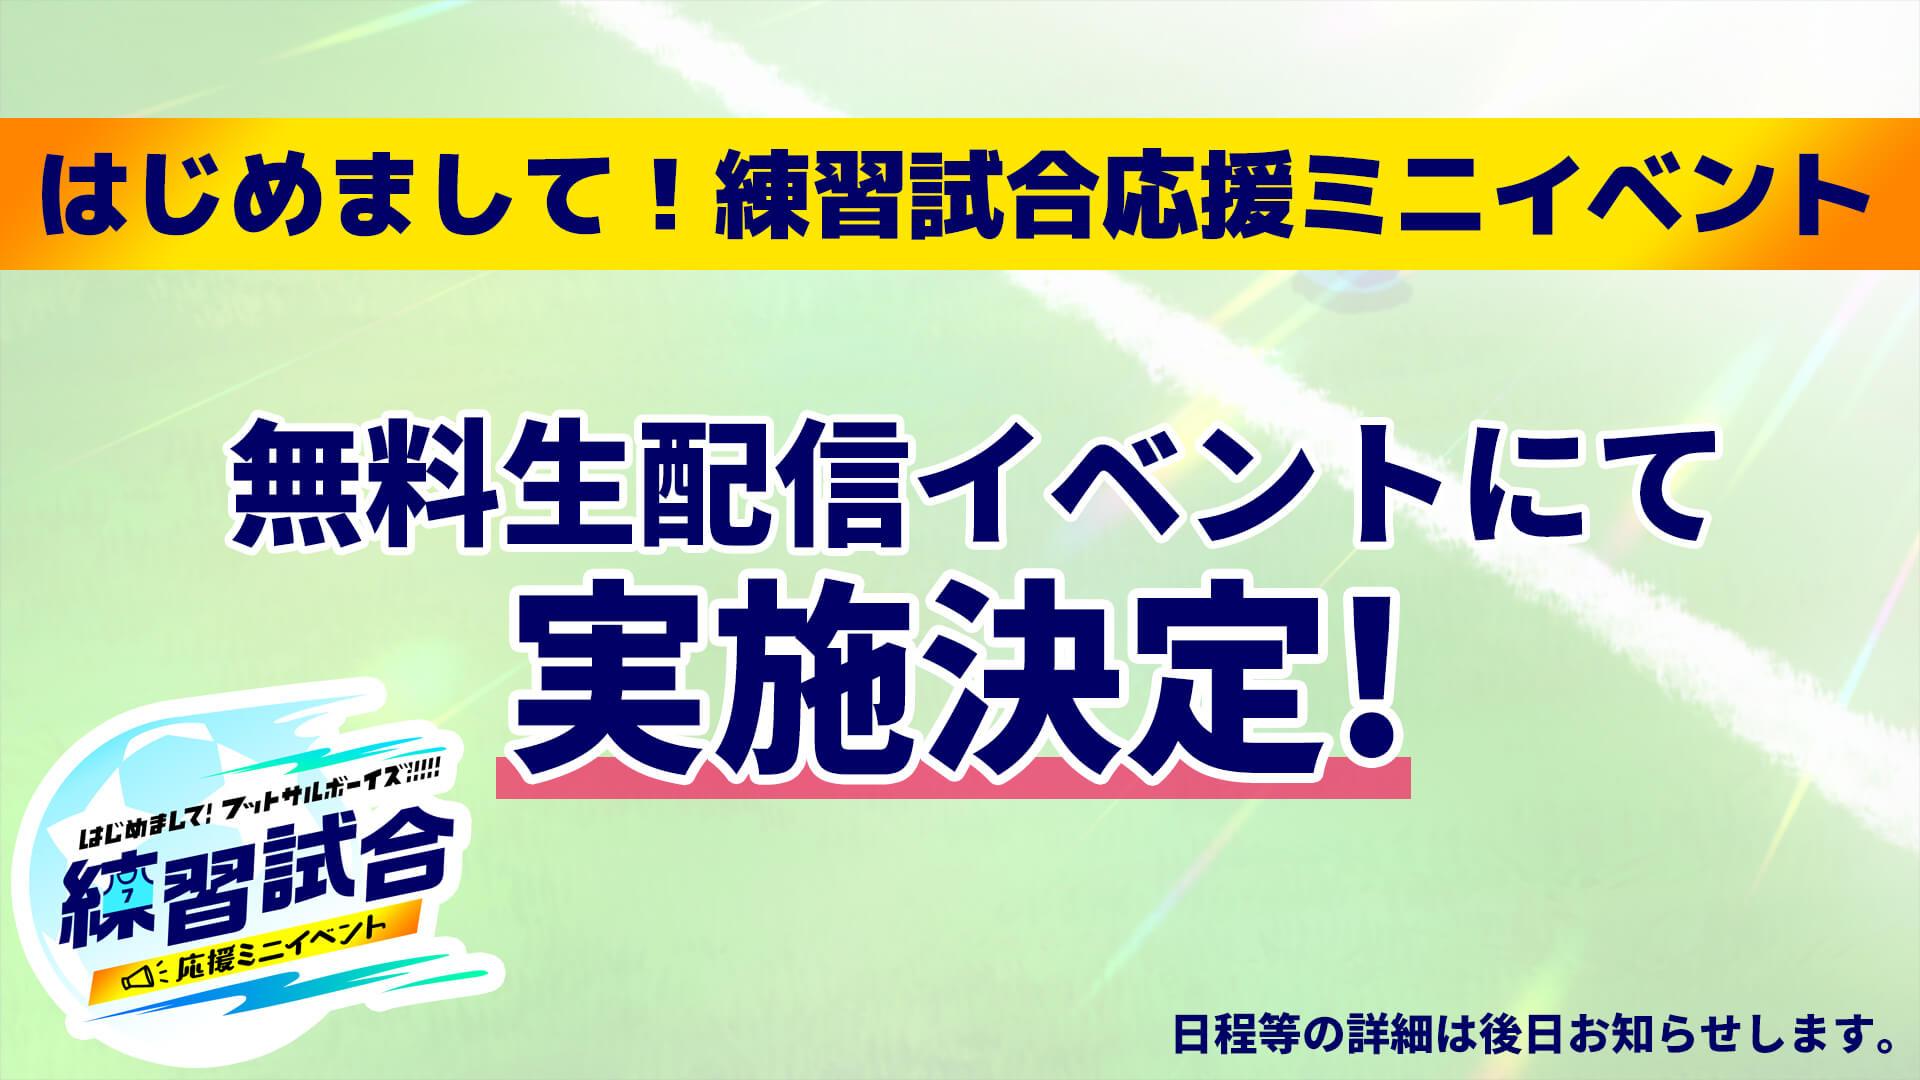 【無料配信イベント決定!】はじめまして!練習試合応援ミニイベント